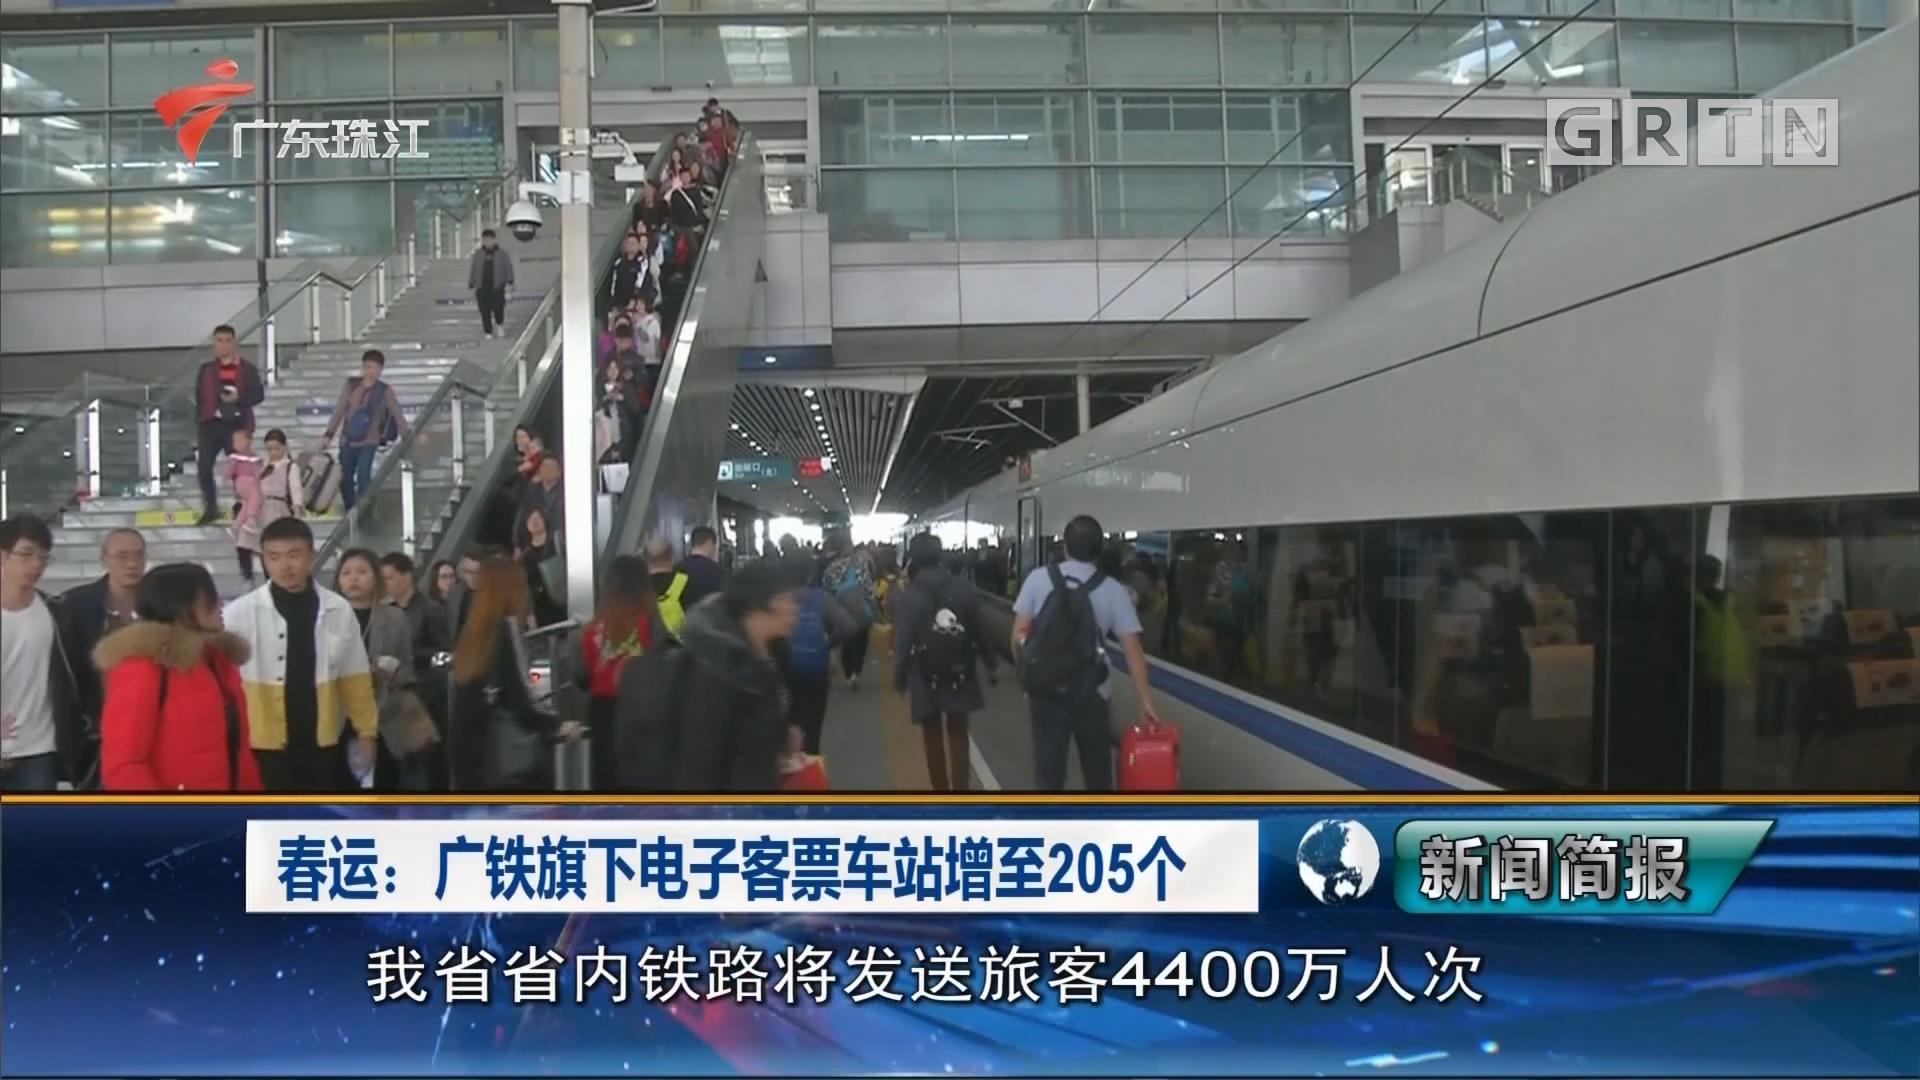 春运:广铁旗下电子客票车站增至205个